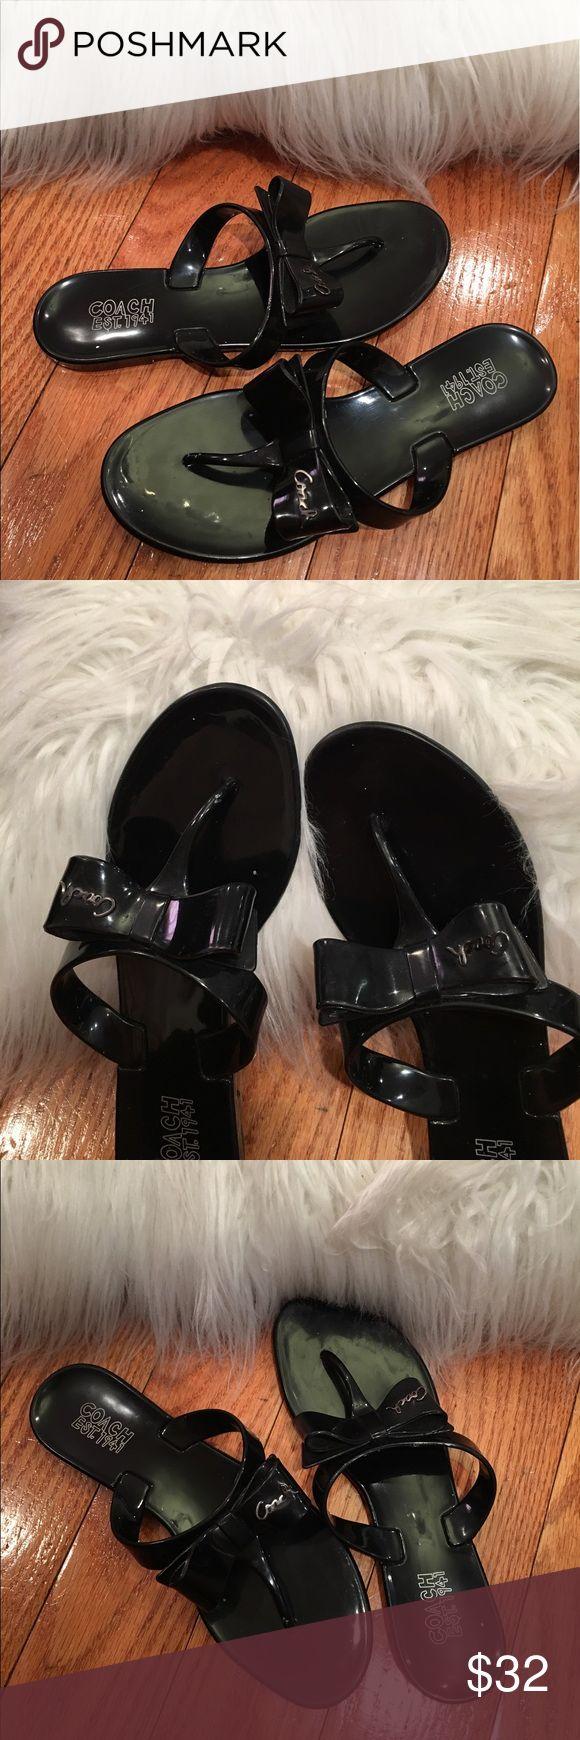 Coach 7B Women's Shoes Black Plastic Sandals Jelly Coach 7B Women's Shoes Black Plastic Sandals Flip Flops Bow 'Pretty Us' Jelly Coach Shoes Sandals